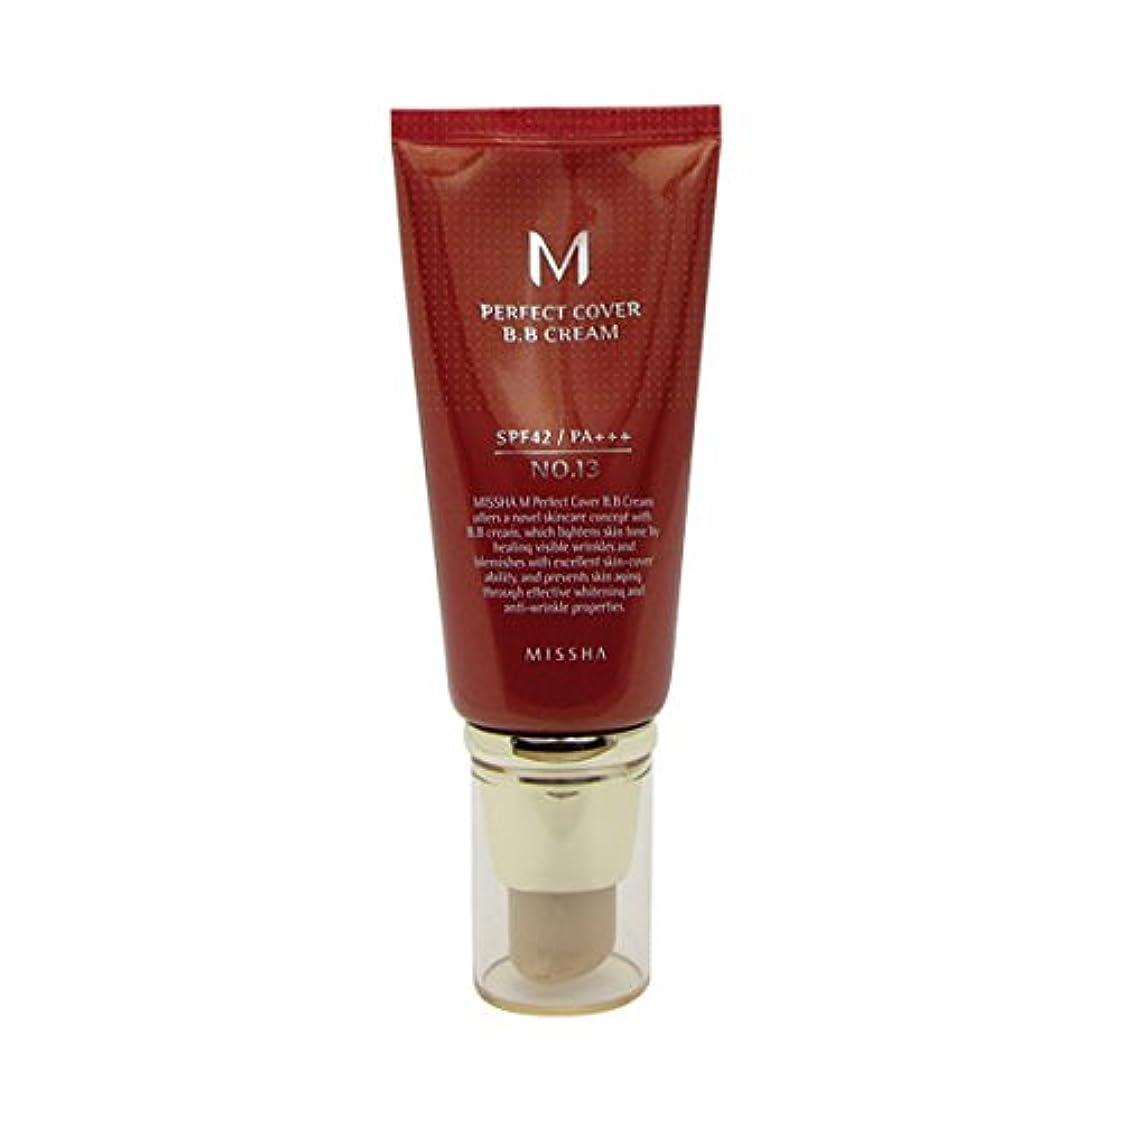 分解する共産主義俳優Missha M Perfect Cover Bb Cream Spf42/pa+++ No.13 Bright Beige 50ml [並行輸入品]